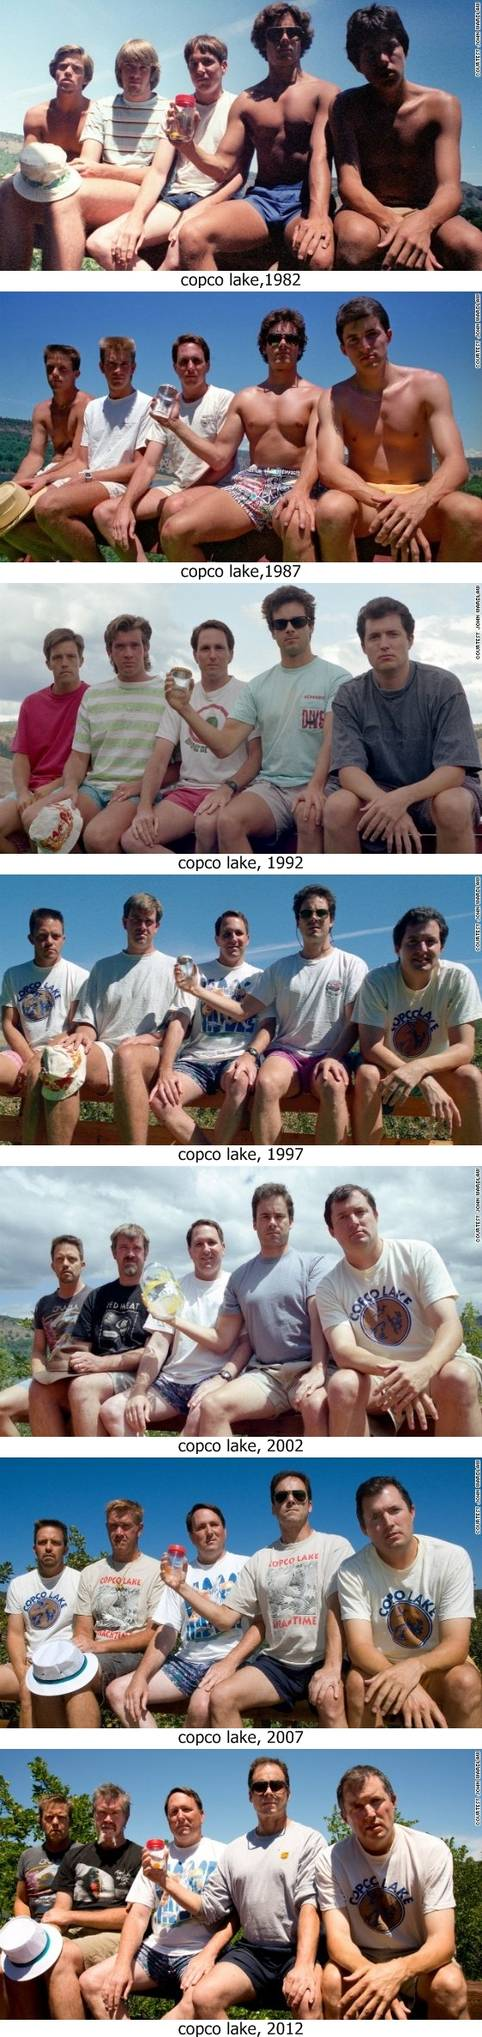 Membuat Foto yang Sama selama 30 tahun Selama tiga puluh tahun orang-orang ini membuat foto yang sama setiap lima tahun sekali. Hasilnya luar biasa.